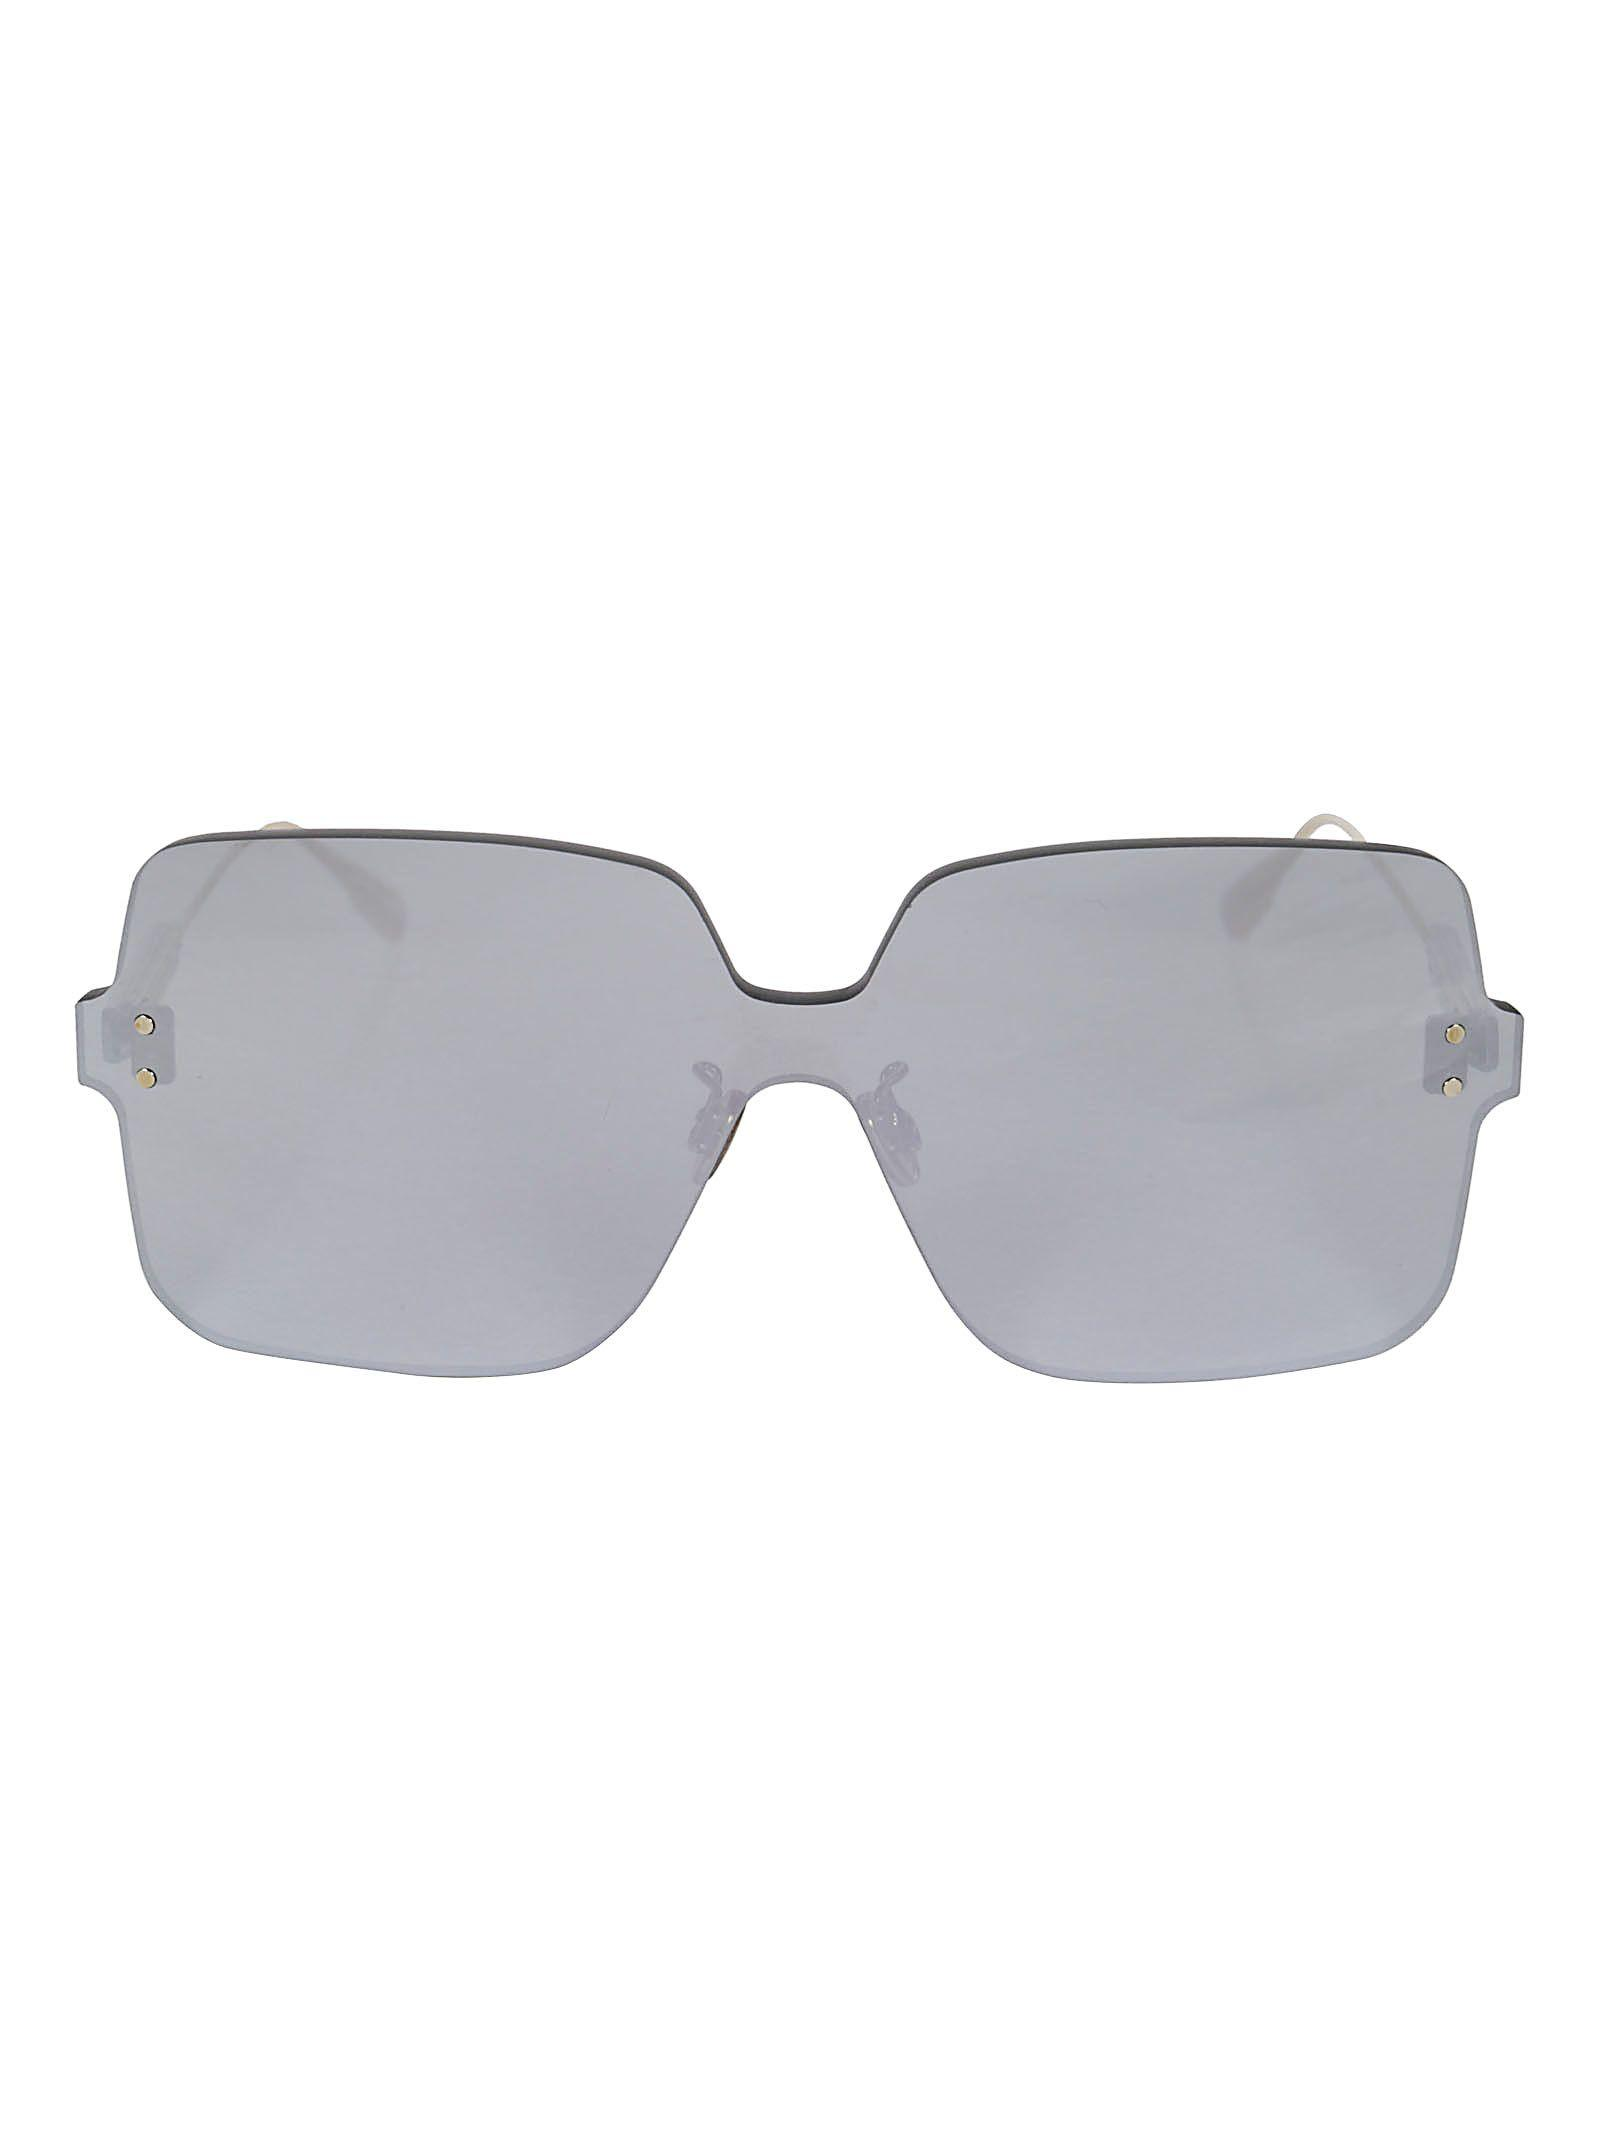 20433785ecfbb Dior Color Quake Sunglasses In 0Yb7 Silver